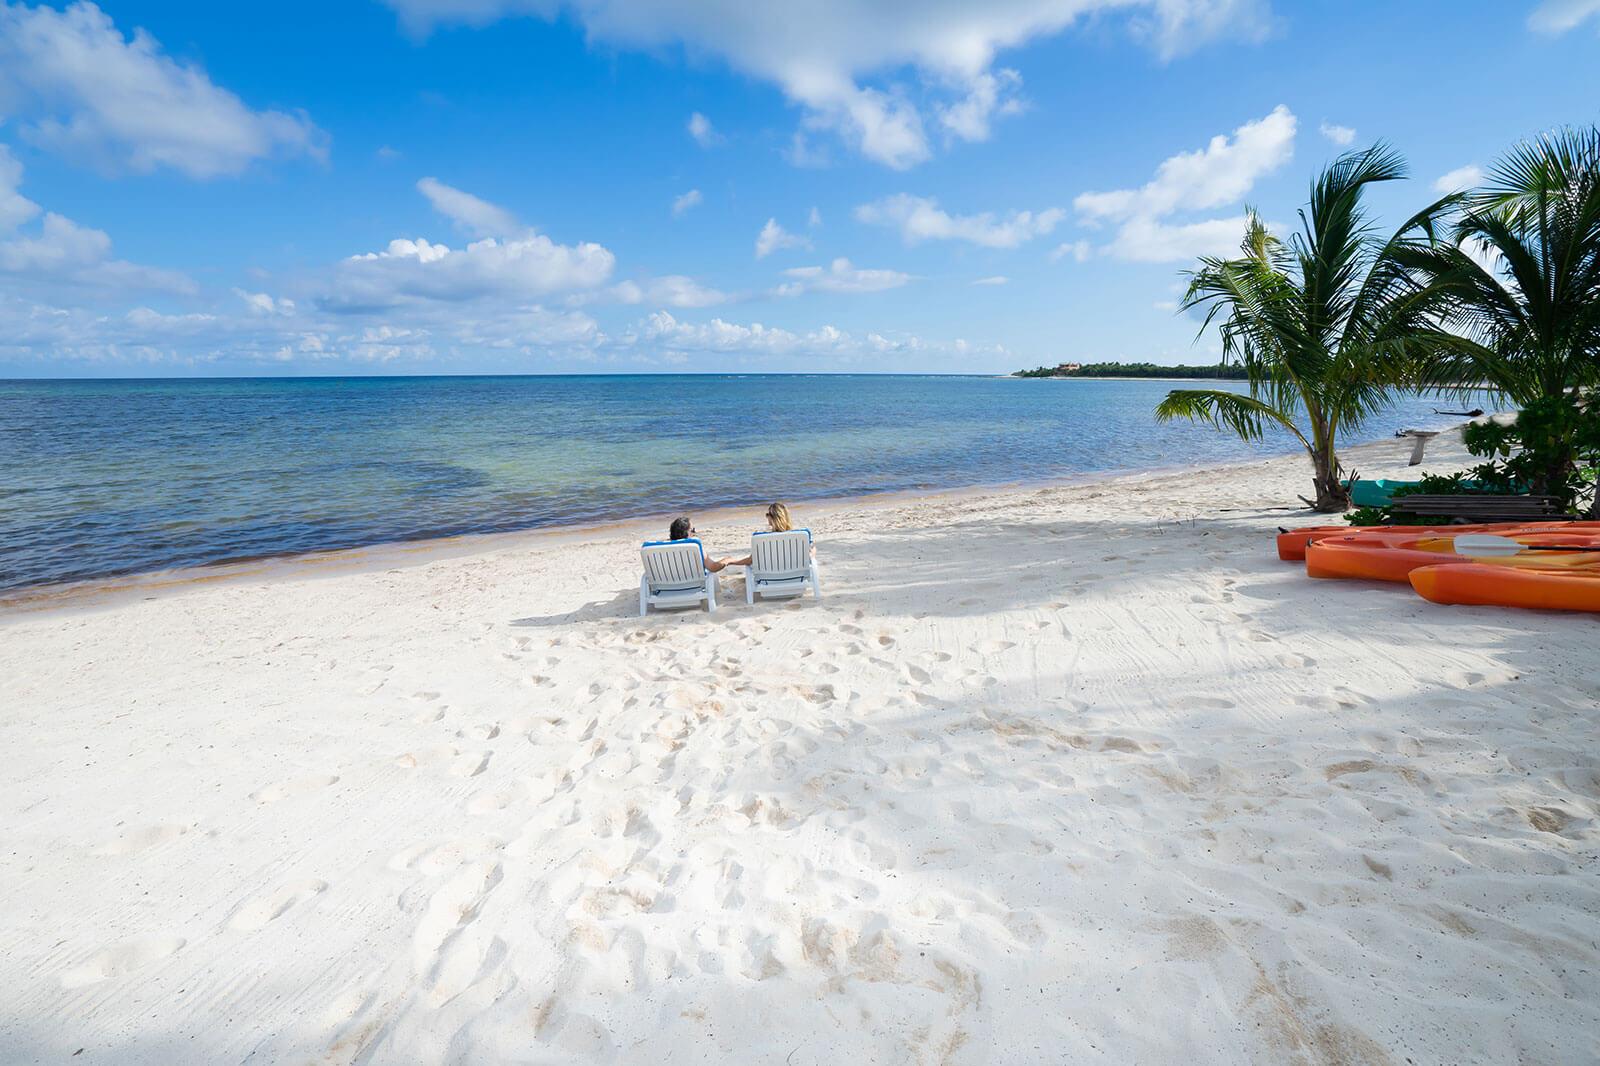 Maya_Luxe_Riviera_Maya_Luxury_Villas_Experiences_Soliman_Bay_6_Bedrooms_Casa_Buena_Suerte_37.jpg